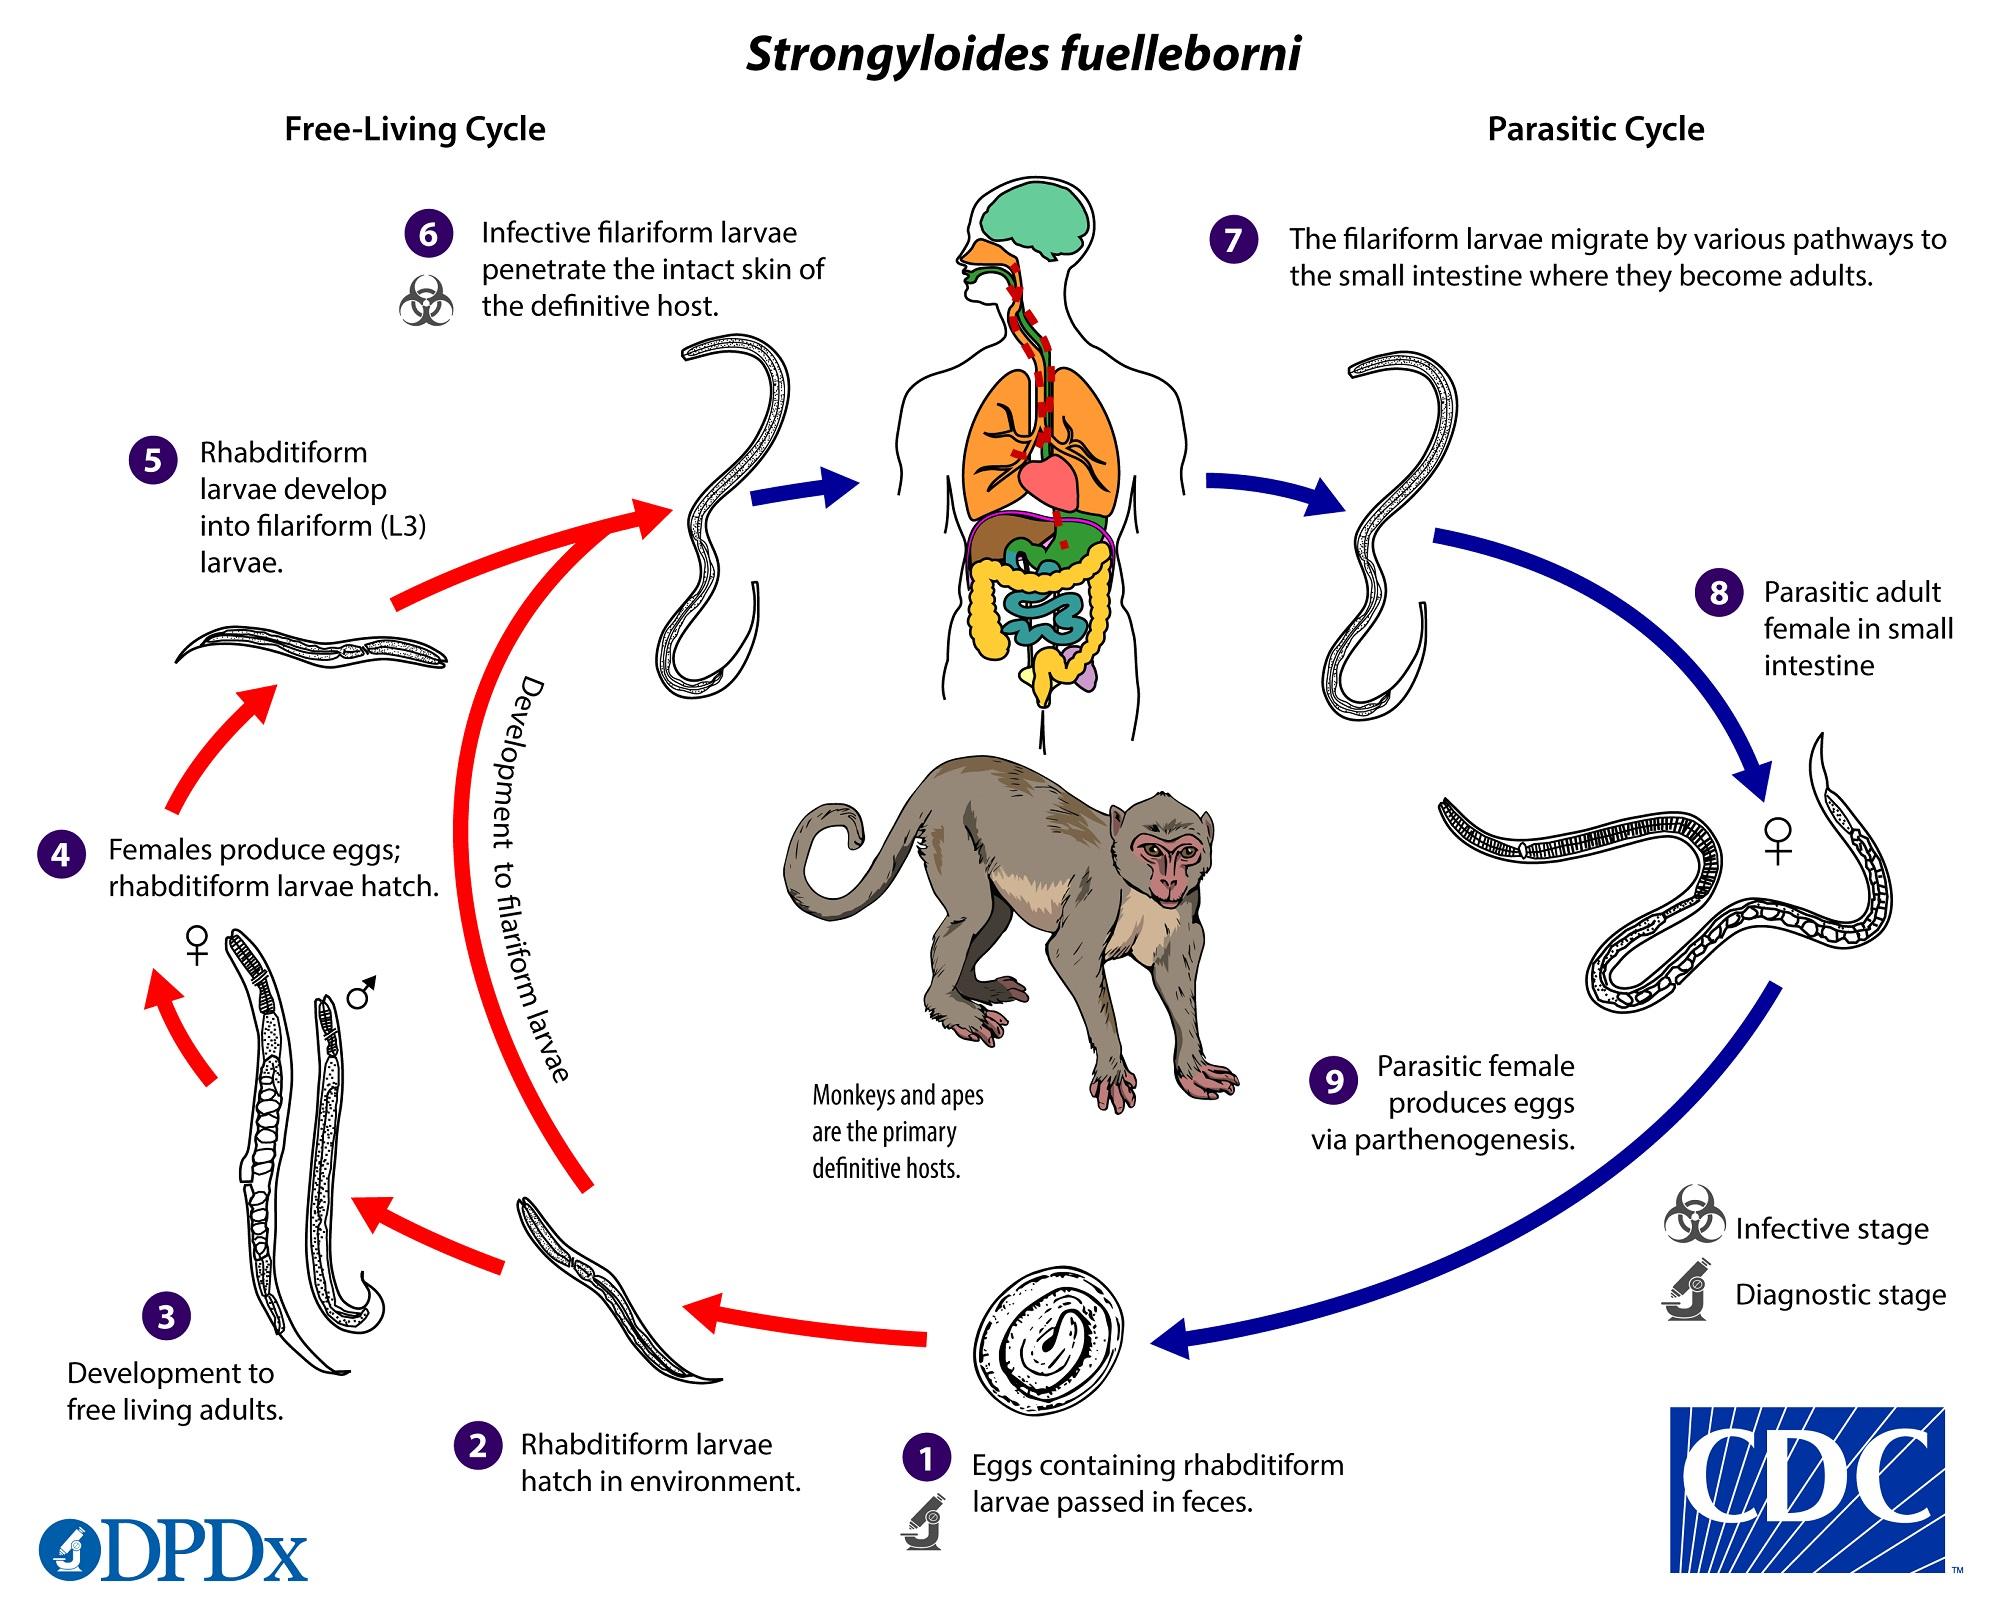 ciclul de viață al giardiozei cdc